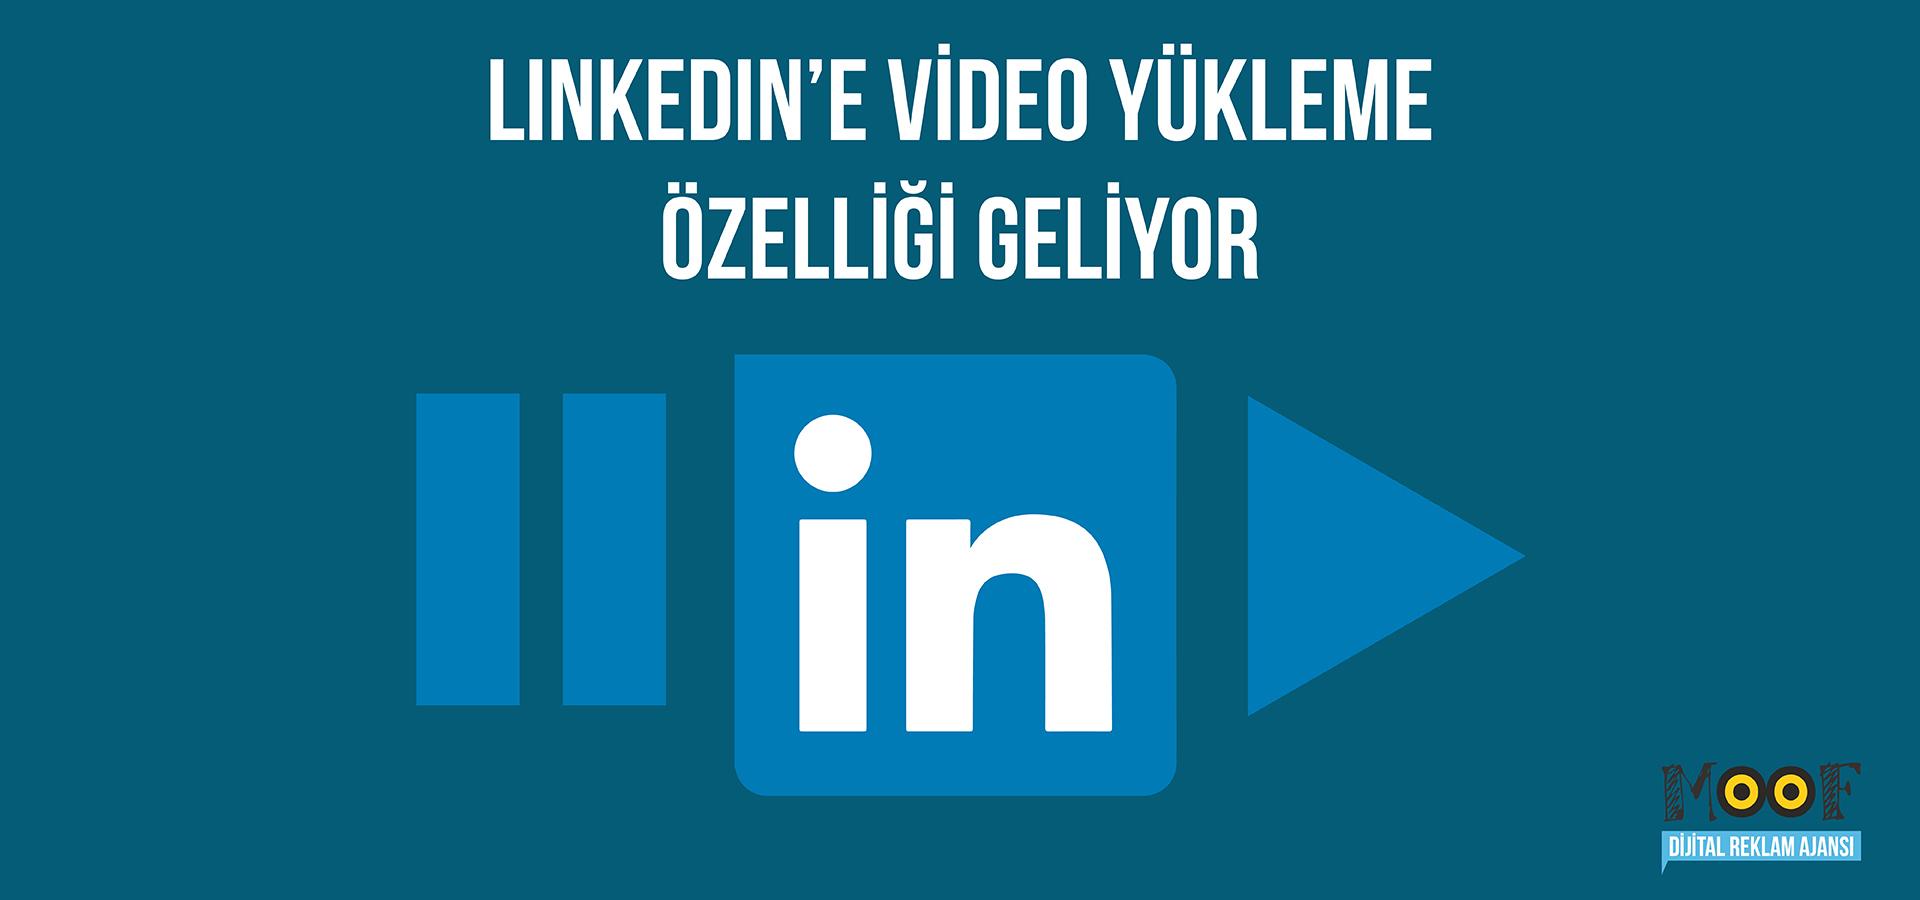 LinkedIn'e Video Yükleme Özelliği Geliyor